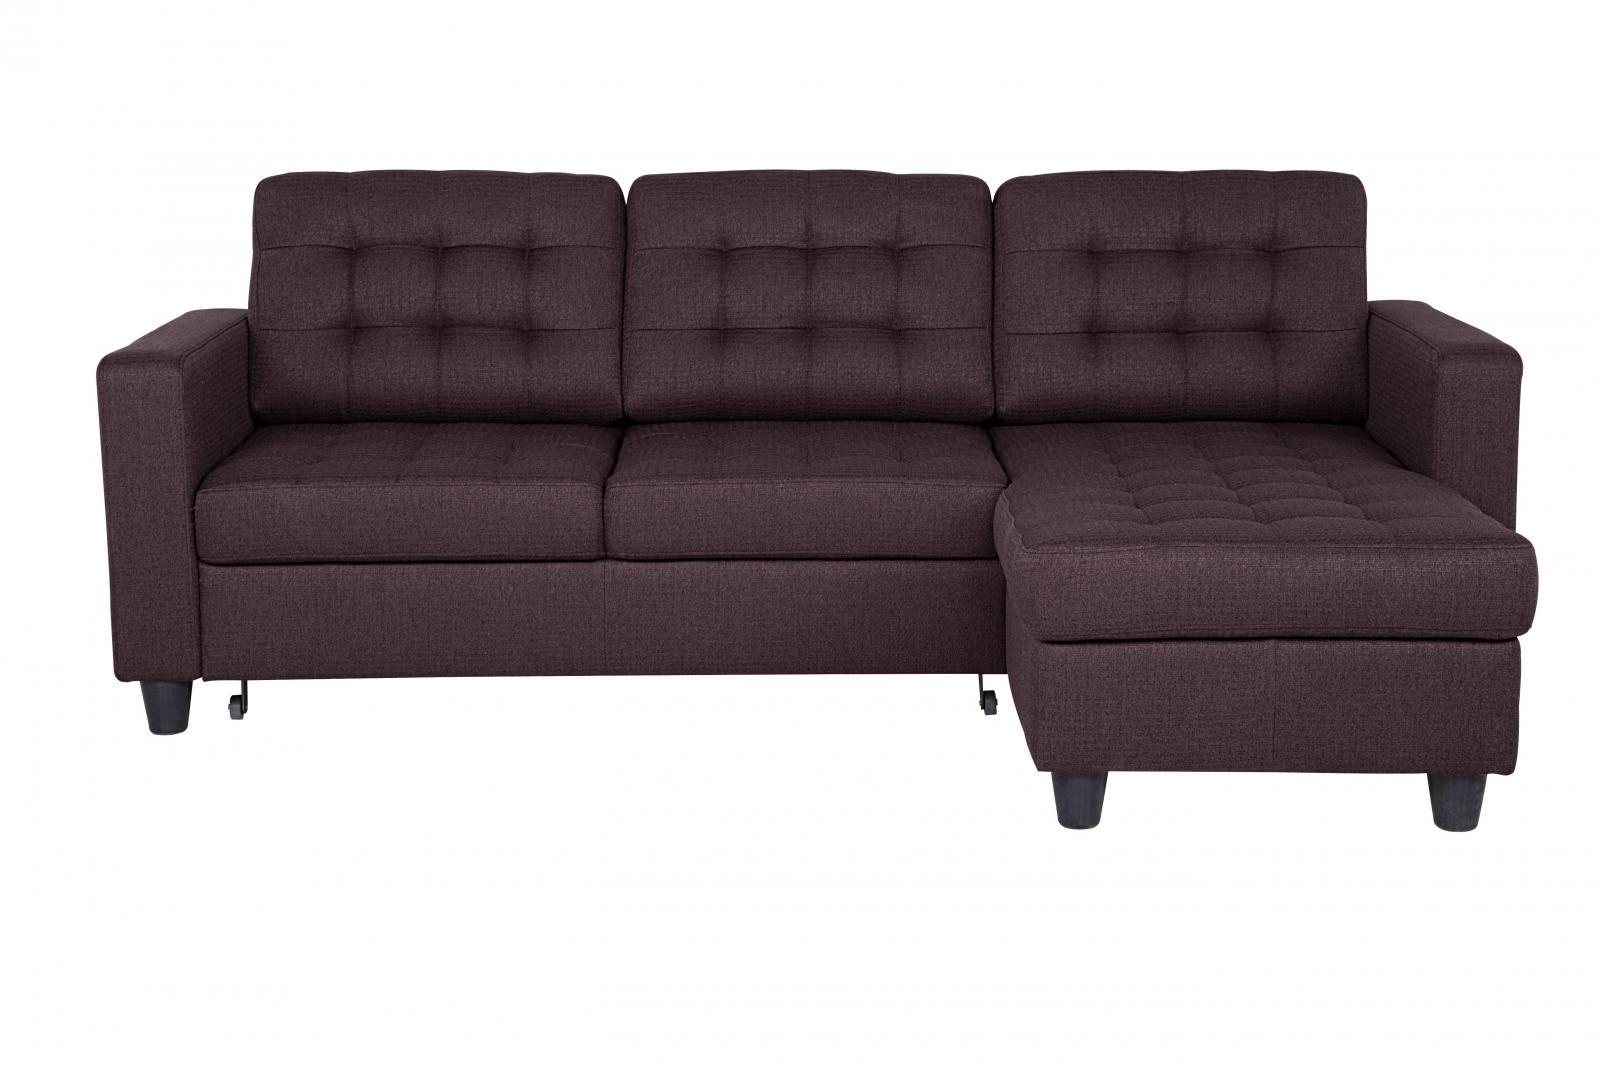 Угловой диван-кровать КамелотУгловые раскладные диваны<br>&amp;lt;div style=&amp;quot;font-size: 14px;&amp;quot;&amp;gt;Классика - это скучно? Мы с этим абсолютно не согласны! Мы считаем, что классические формы и современный дизайн могут существовать вместе, и диван &amp;quot;Камелот&amp;quot; отличное тому подтверждение. Он внимателен к вашим потребностям, ведь в нем совмещены функции дивана, кровати и места для хранения спальных принадлежностей.&amp;amp;nbsp;&amp;lt;/div&amp;gt;&amp;lt;div style=&amp;quot;font-size: 14px;&amp;quot;&amp;gt;&amp;lt;br&amp;gt;&amp;lt;/div&amp;gt;&amp;lt;div style=&amp;quot;font-size: 14px;&amp;quot;&amp;gt;&amp;lt;span style=&amp;quot;font-size: 14px;&amp;quot;&amp;gt;Размер спального места: 196х135 см.&amp;lt;/span&amp;gt;&amp;lt;/div&amp;gt;<br><br>Material: Текстиль<br>Ширина см: 230<br>Высота см: 90<br>Глубина см: 156